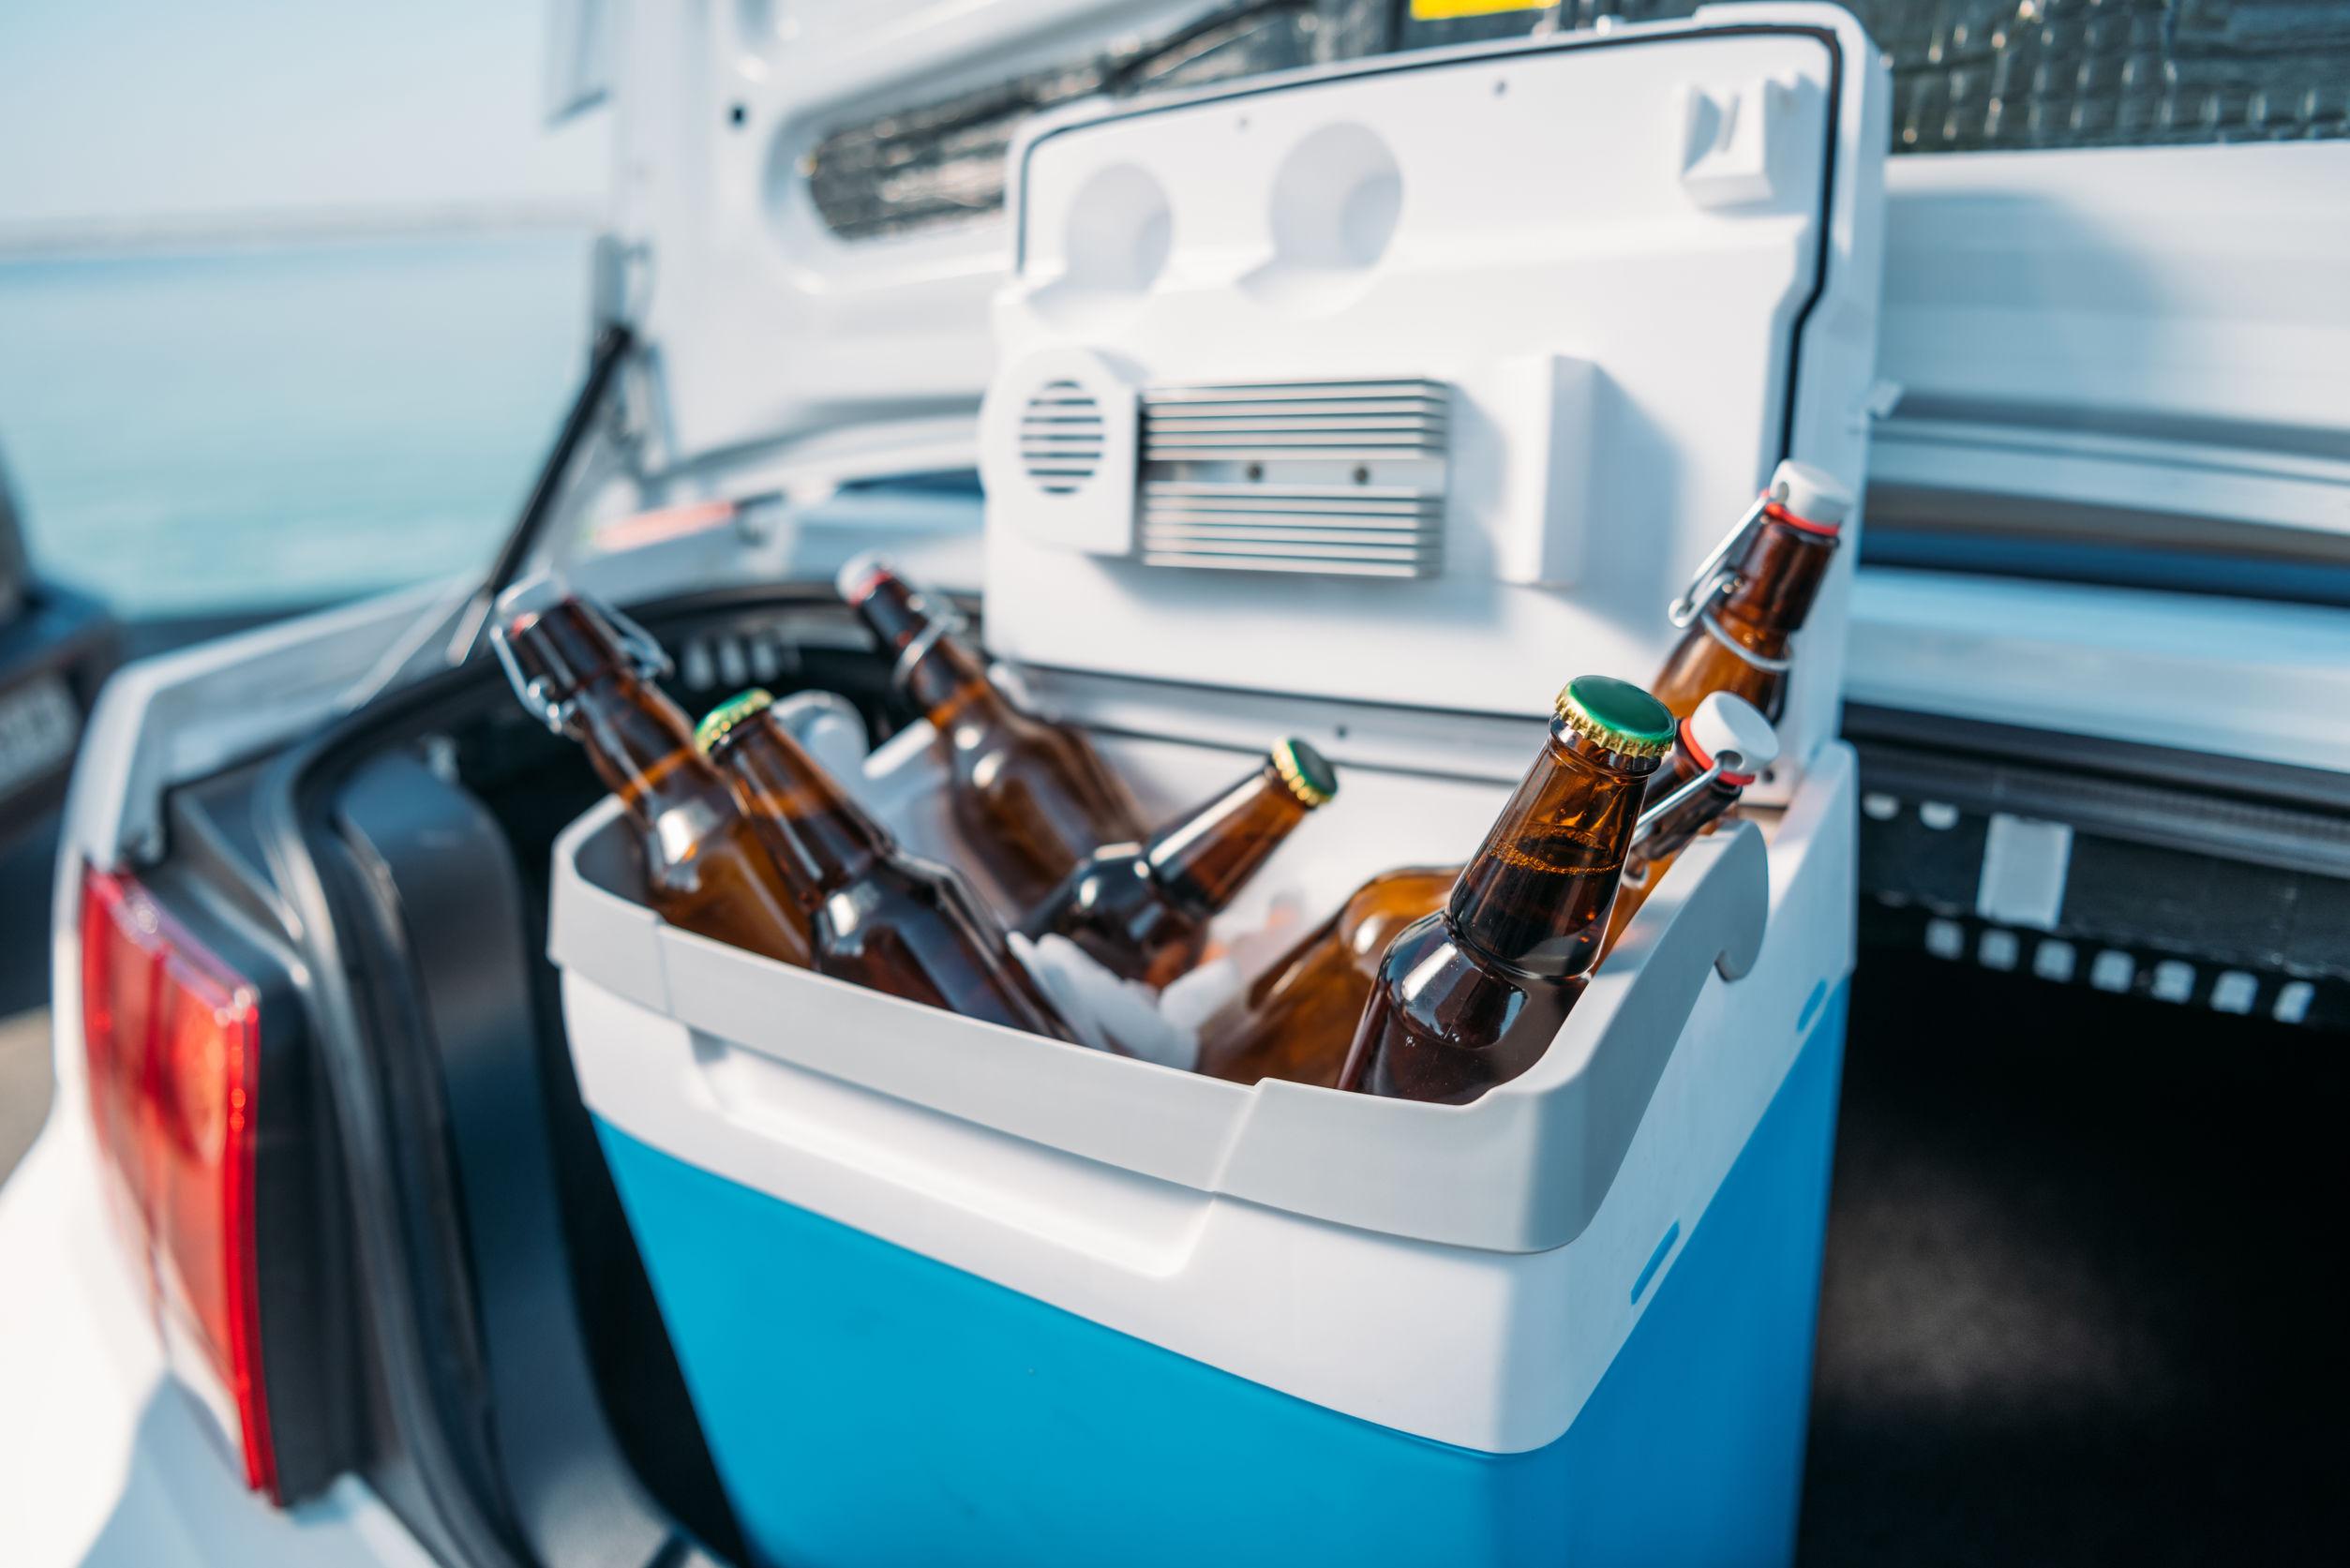 Imagem de um cooler azul aberto com cerveja dentro no porta malas do carro